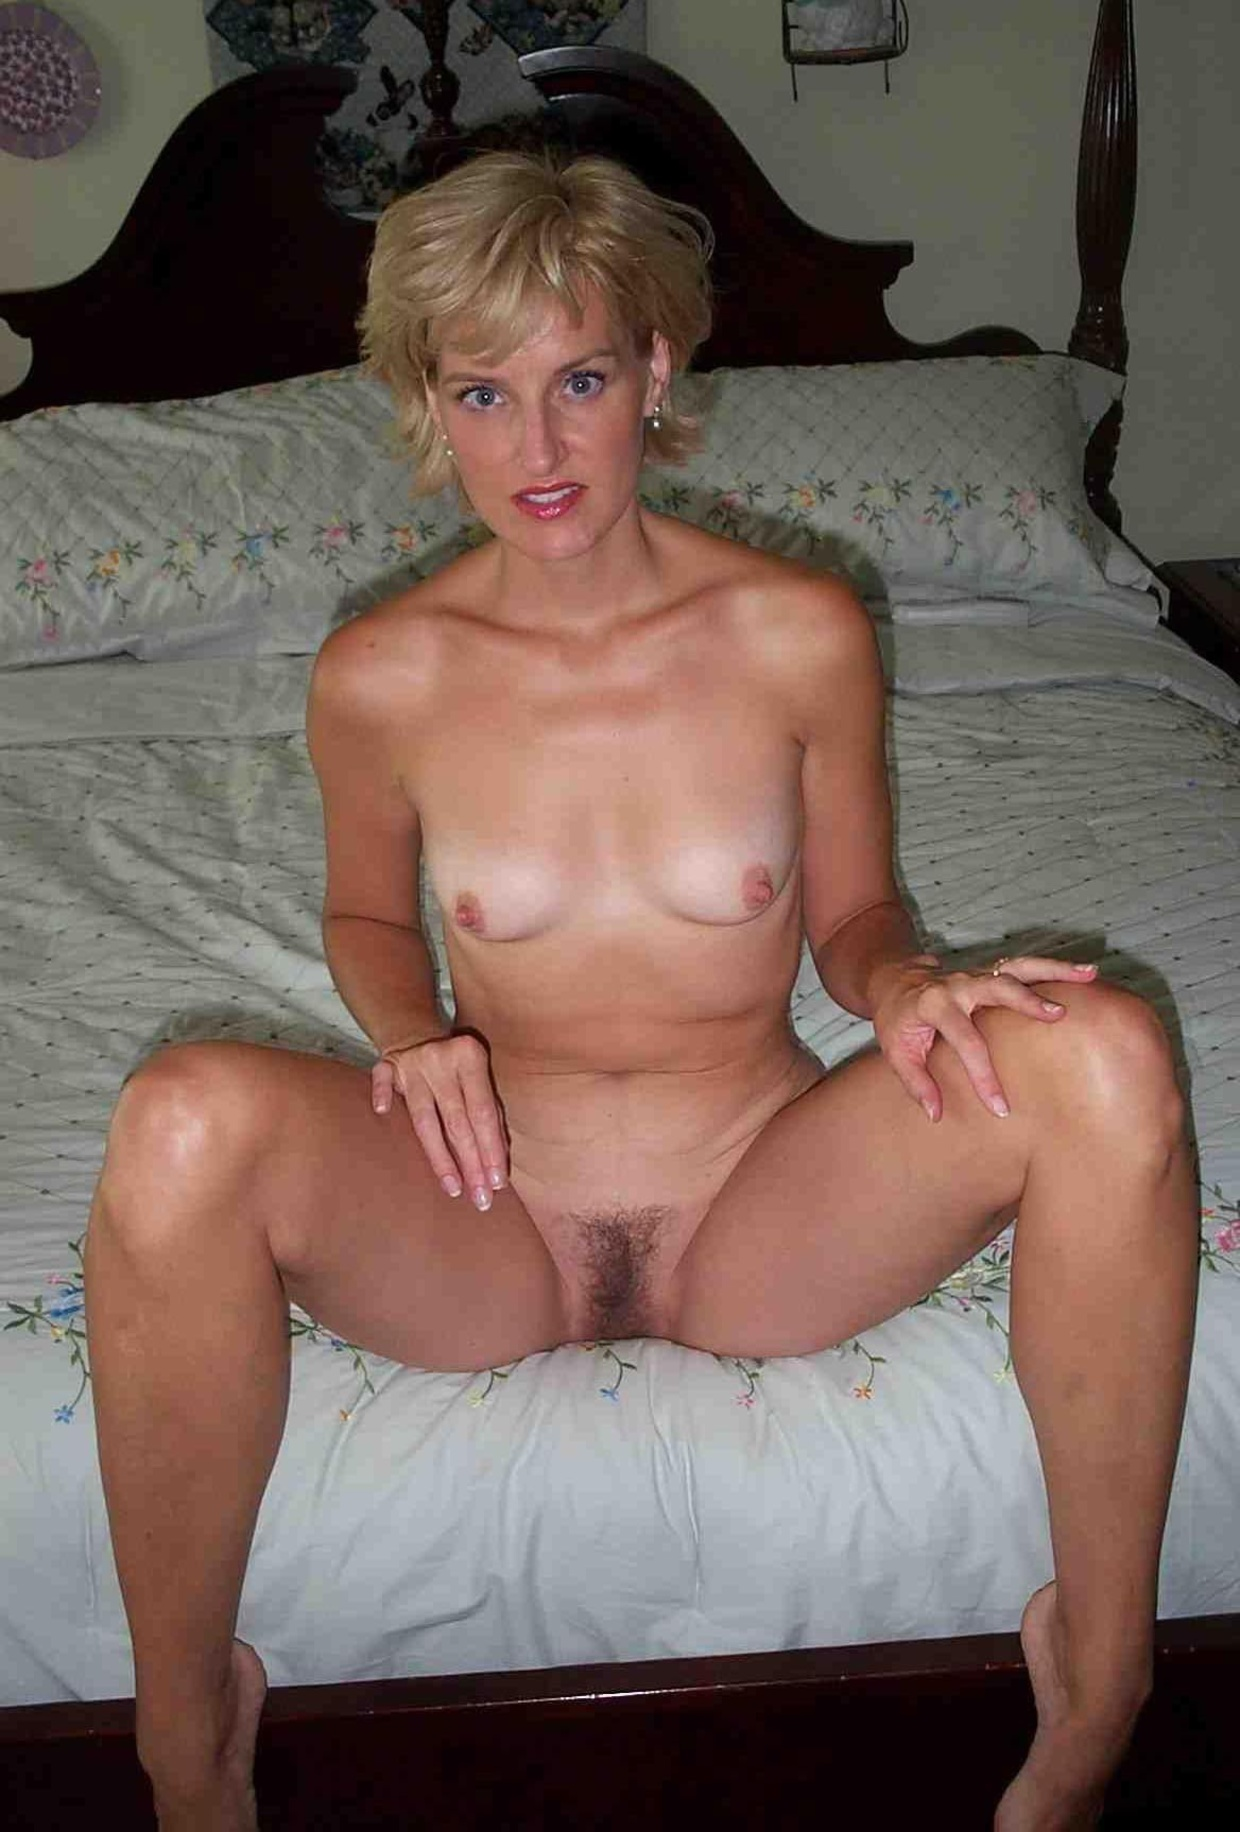 Зрелая блондинка светит мохнаткой перед камерой мужа